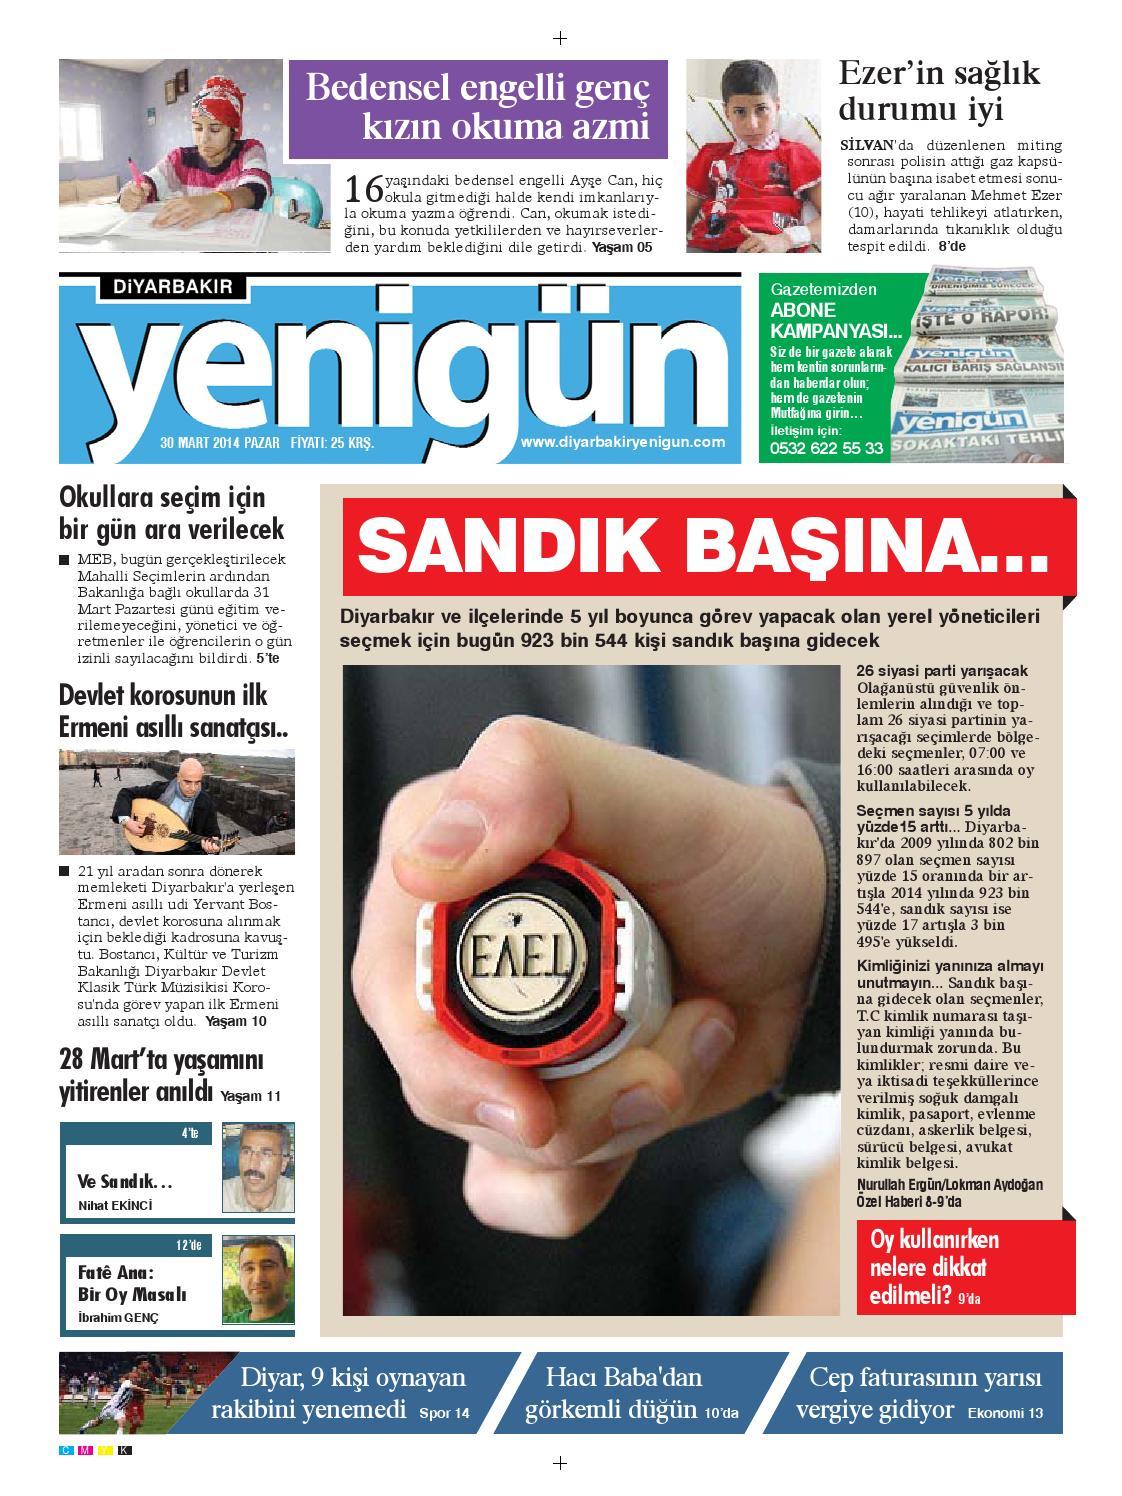 Diyarbakir Yenigun Gazetesi 30 Mart 2014 By Osman Ergun Issuu